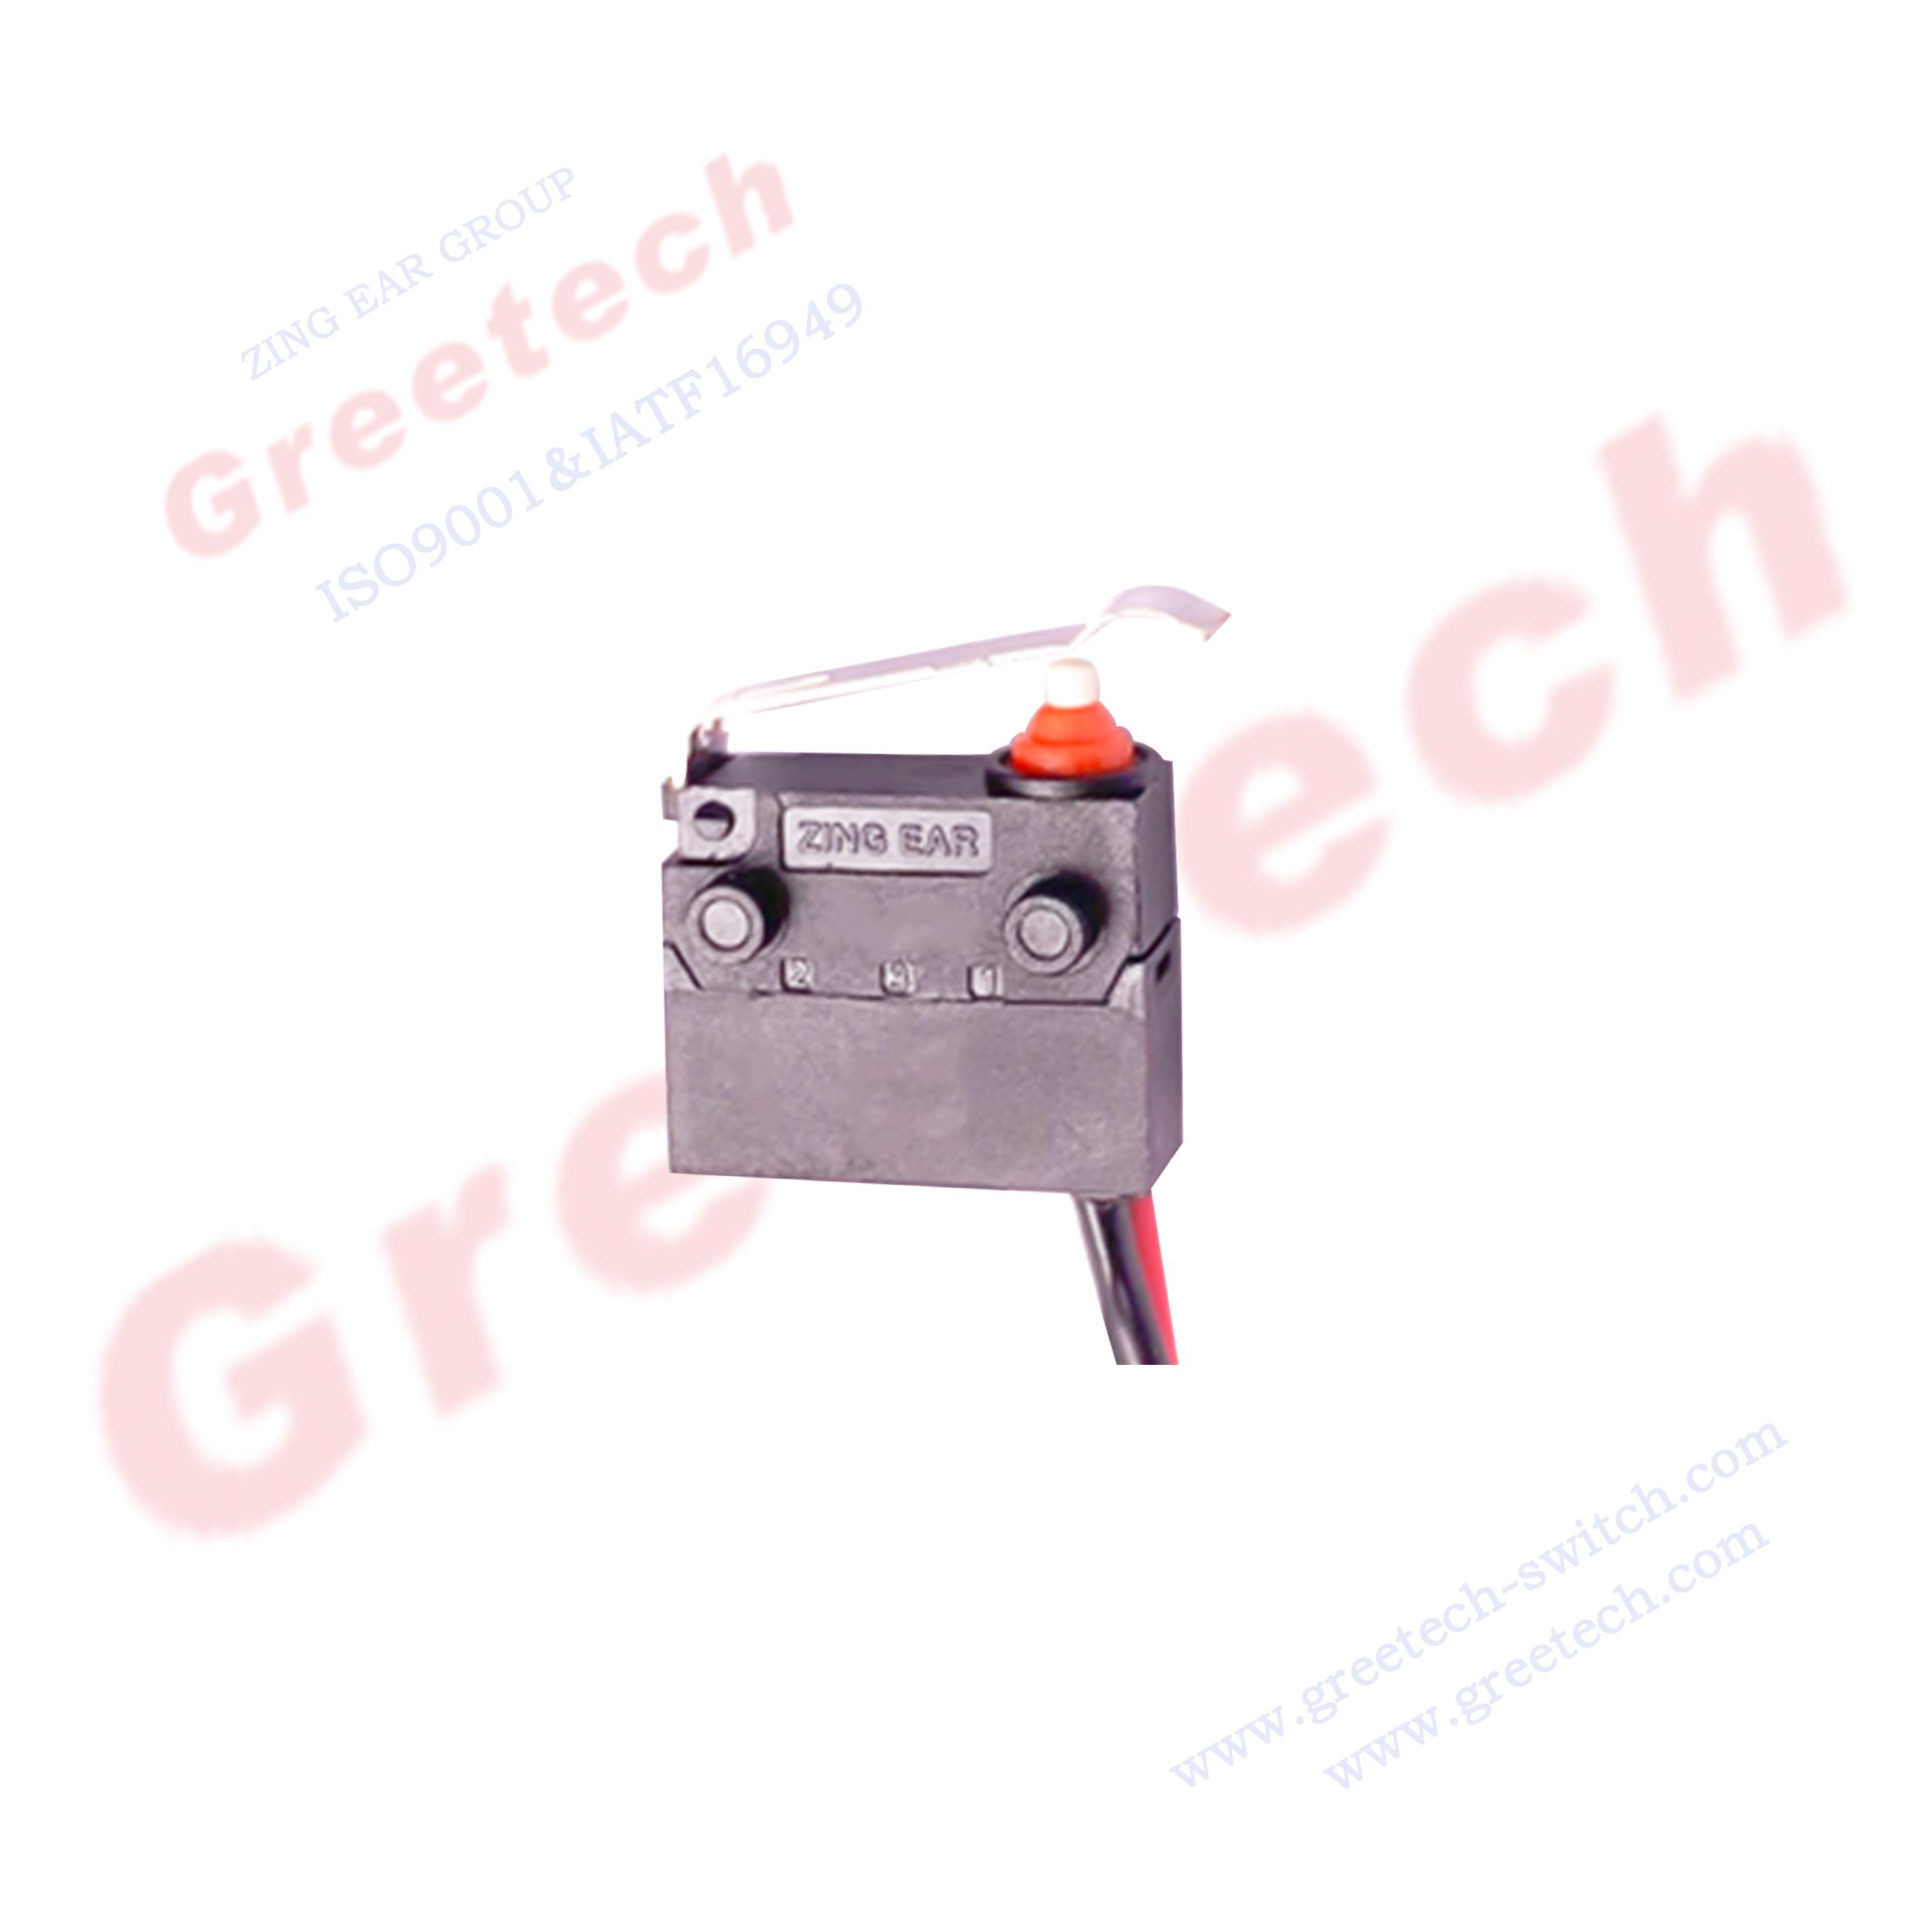 G303-130E66B8B-FL200-T104-3